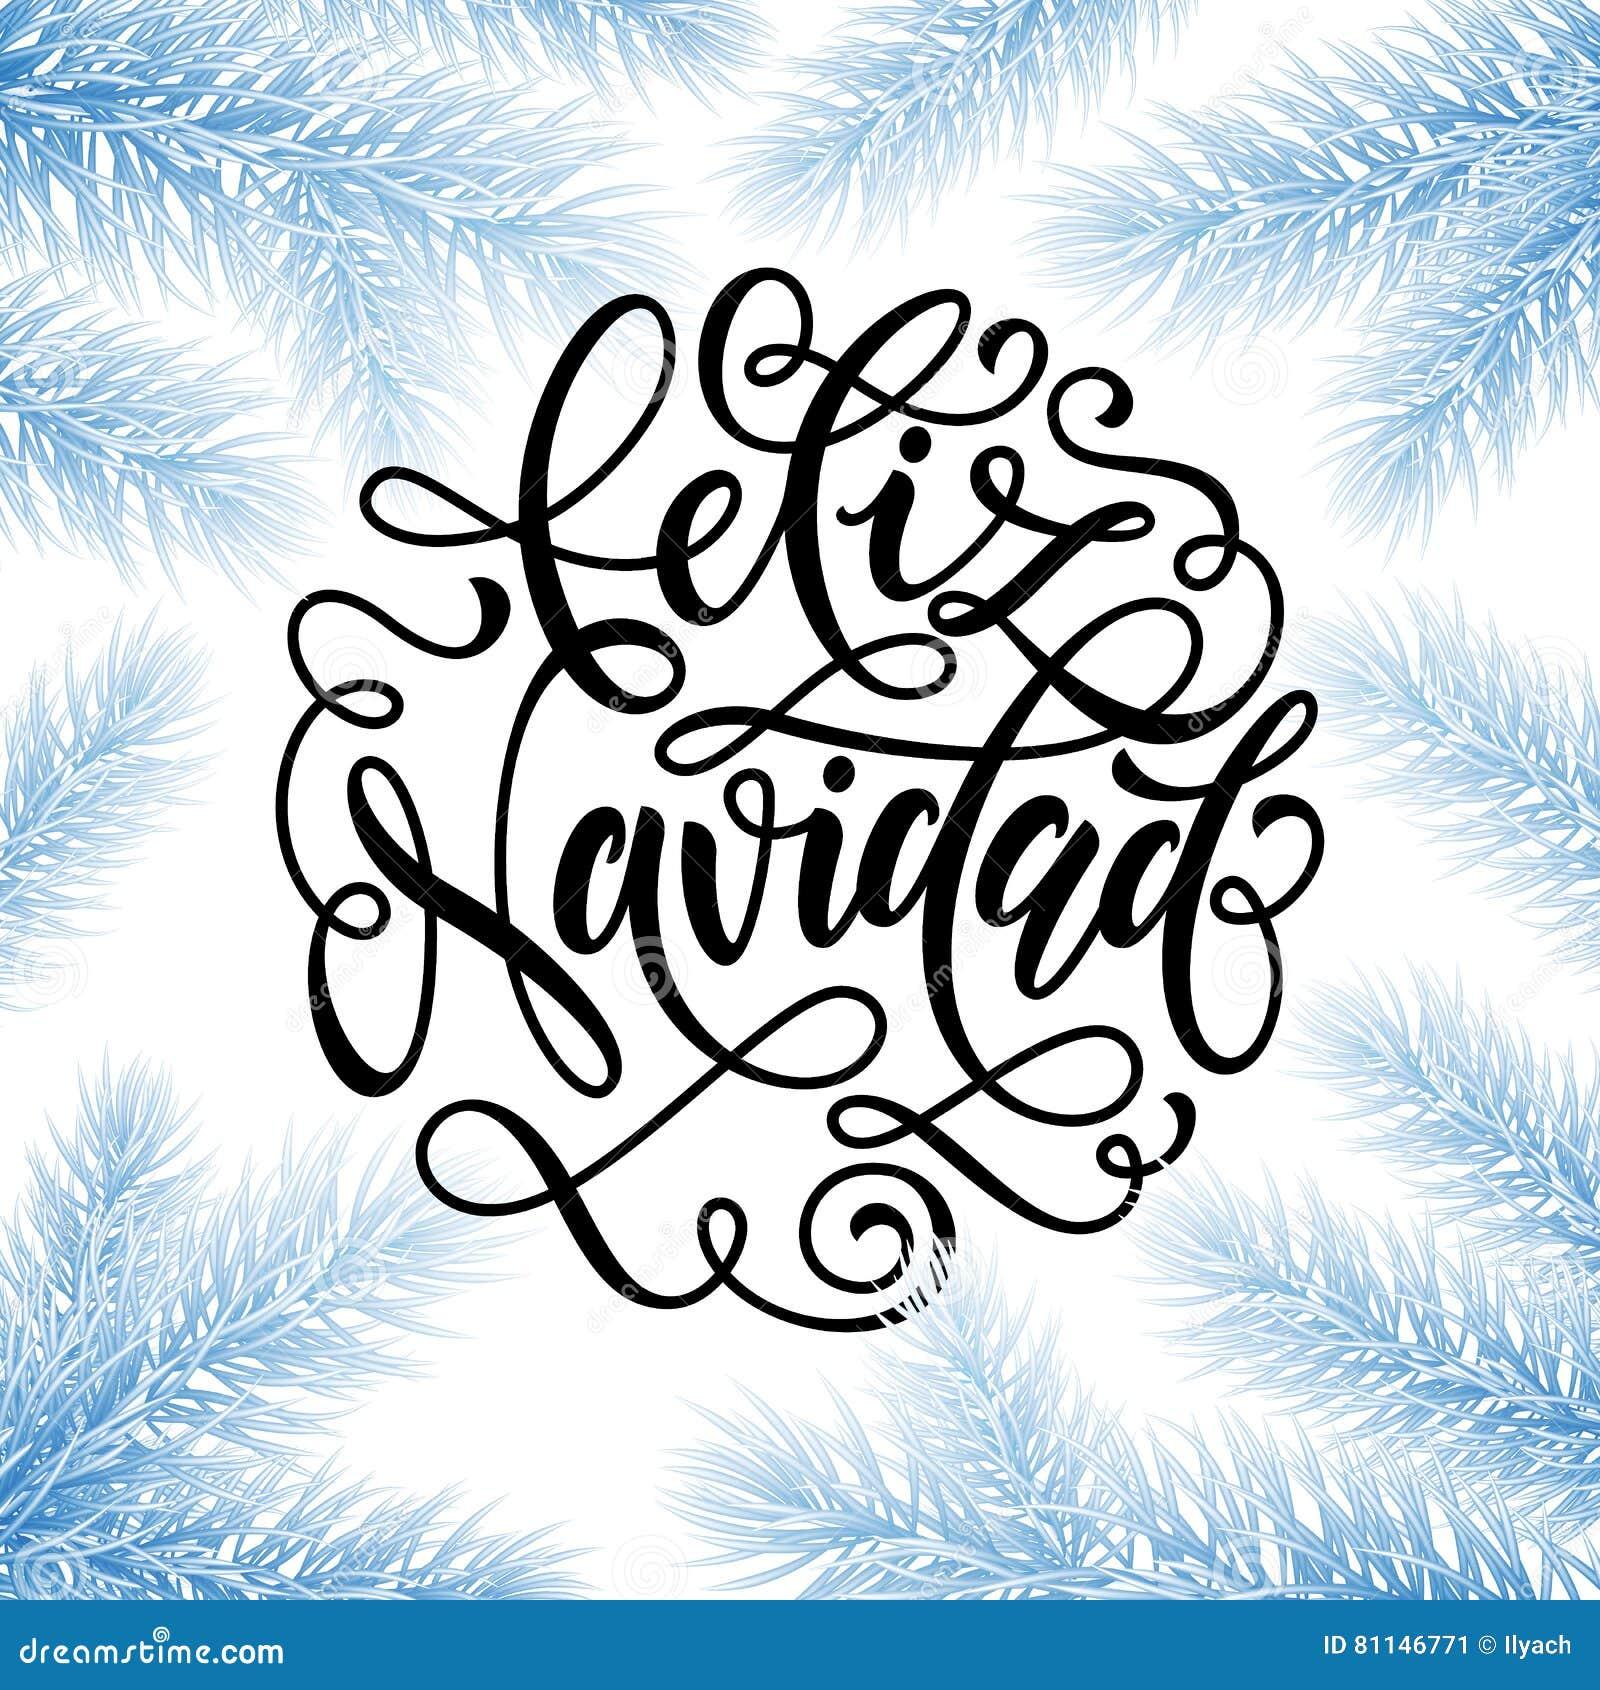 Auguri Di Buon Natale Francese.Buon Natale In Francese Le Stelle D Oro Della Cartolina D